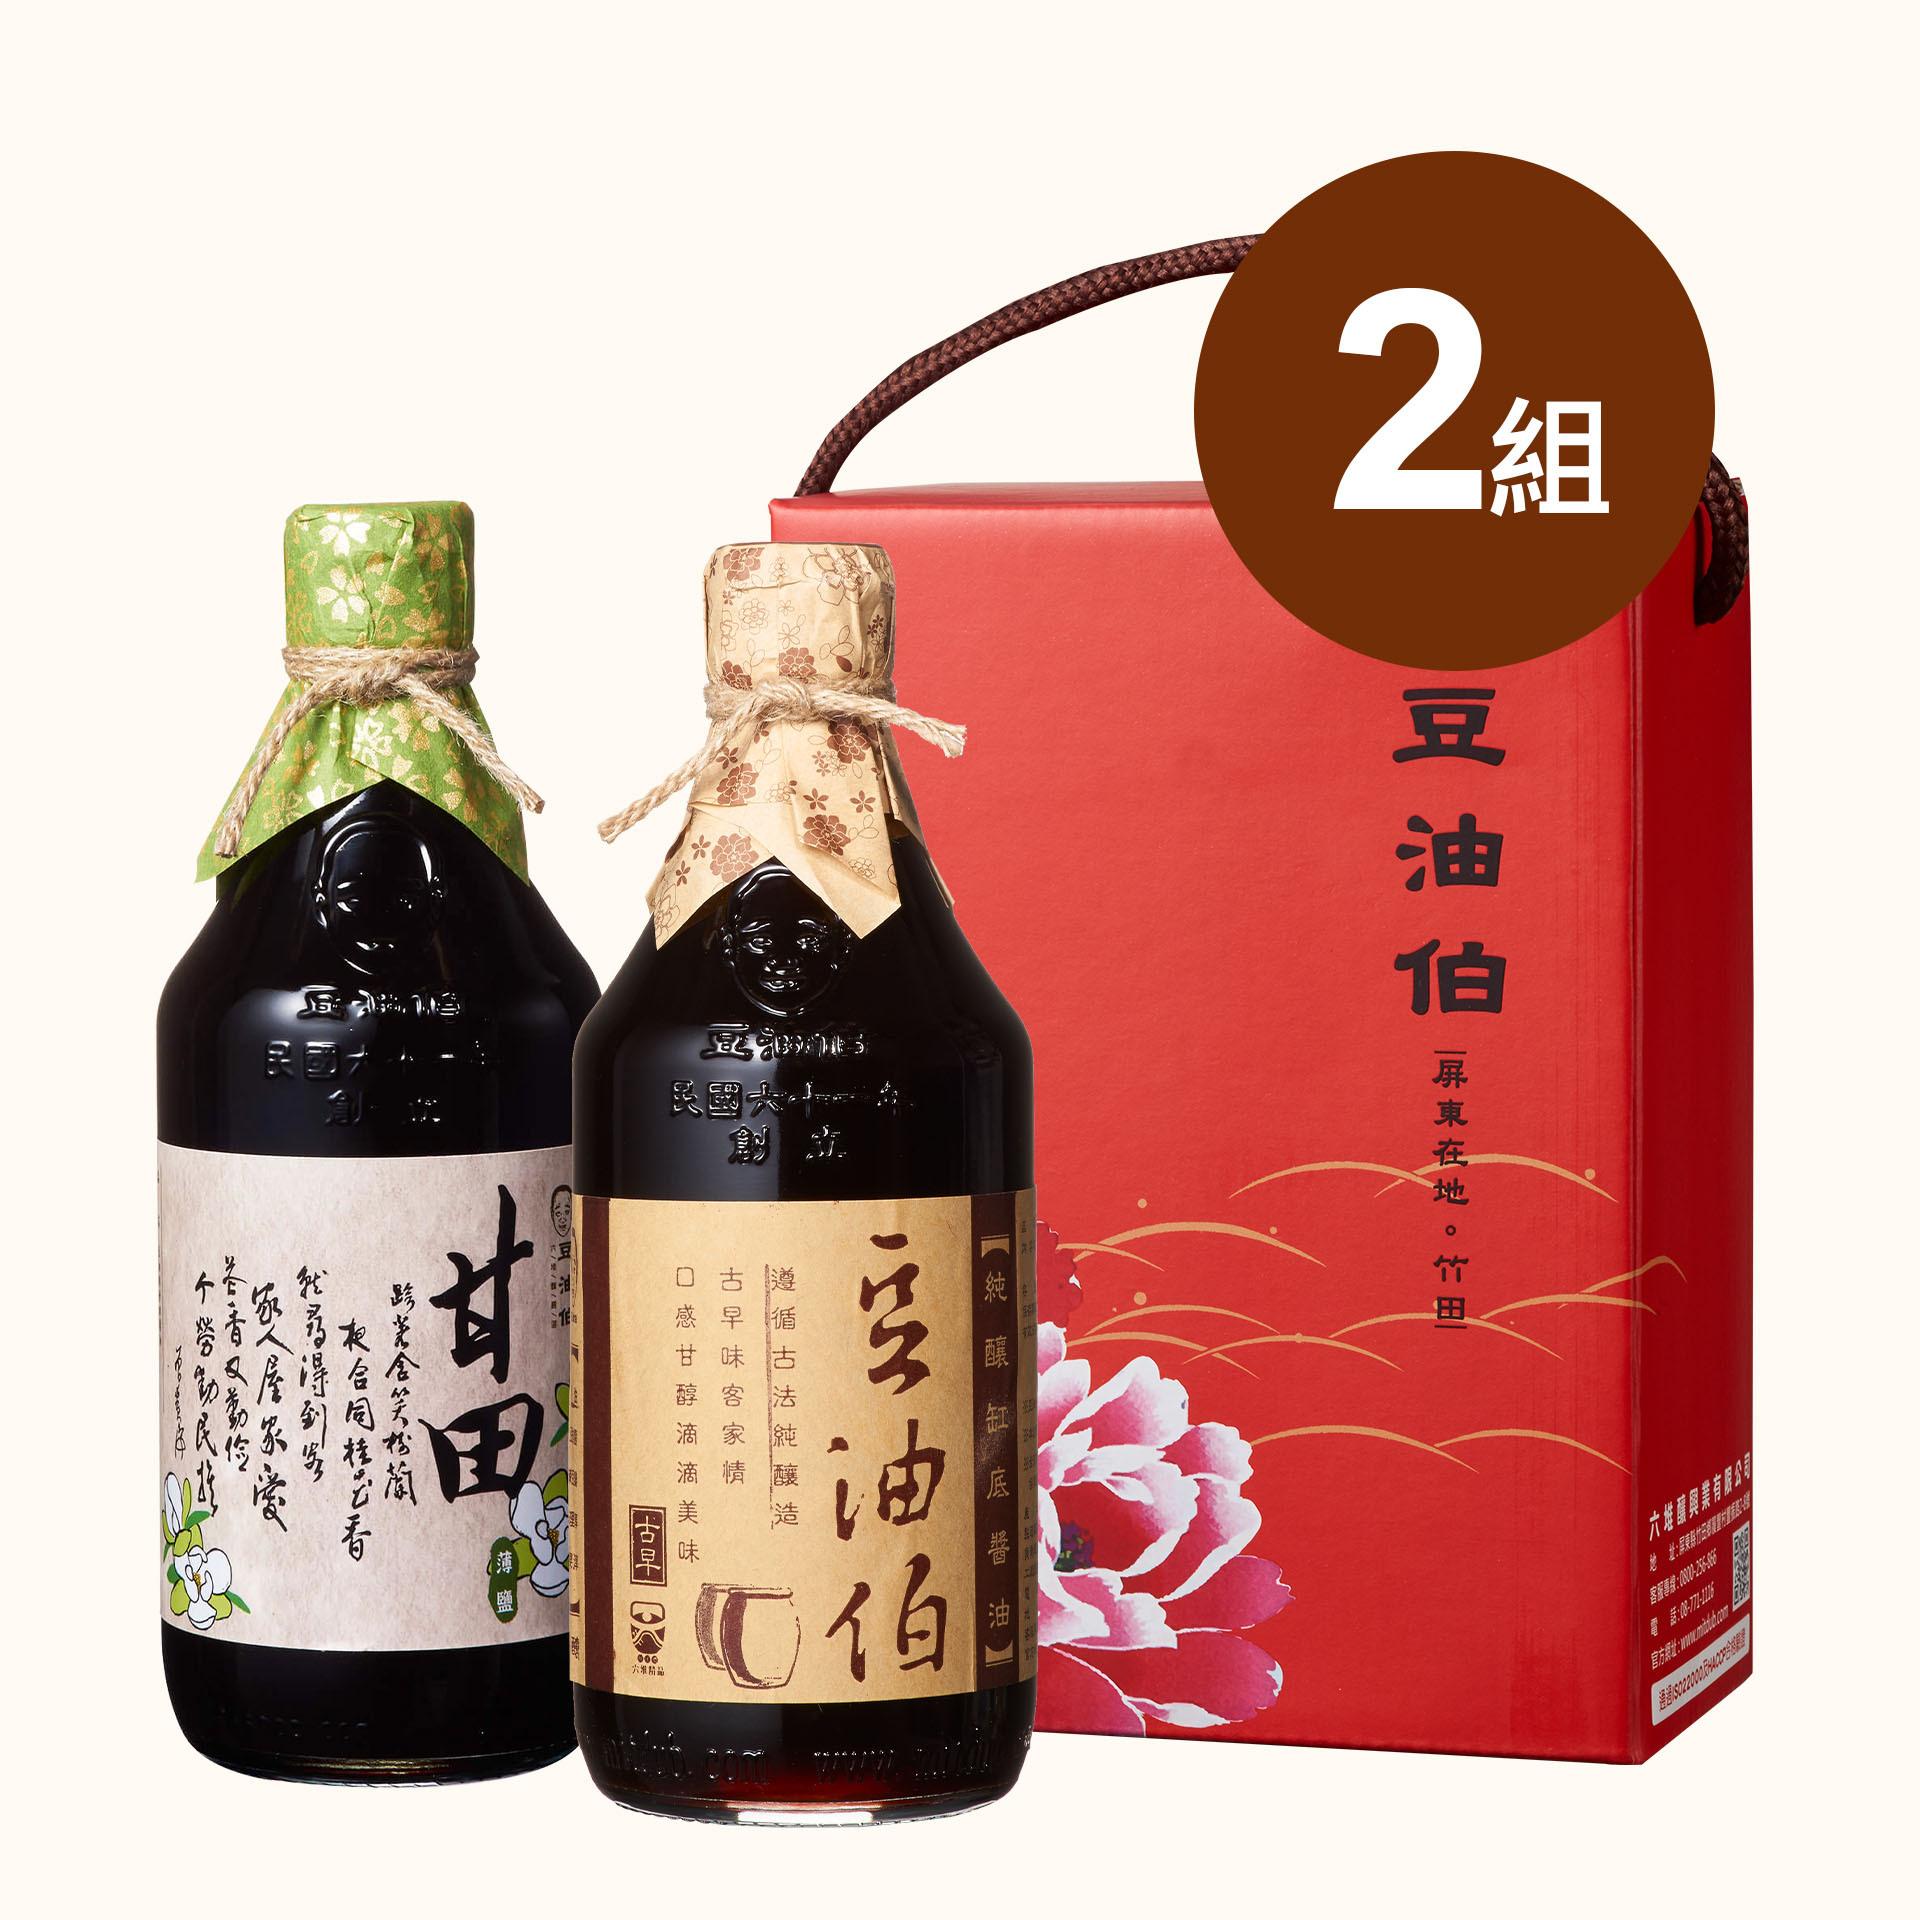 缸底醬油2入+甘田醬油2入(禮盒2組,共4入)